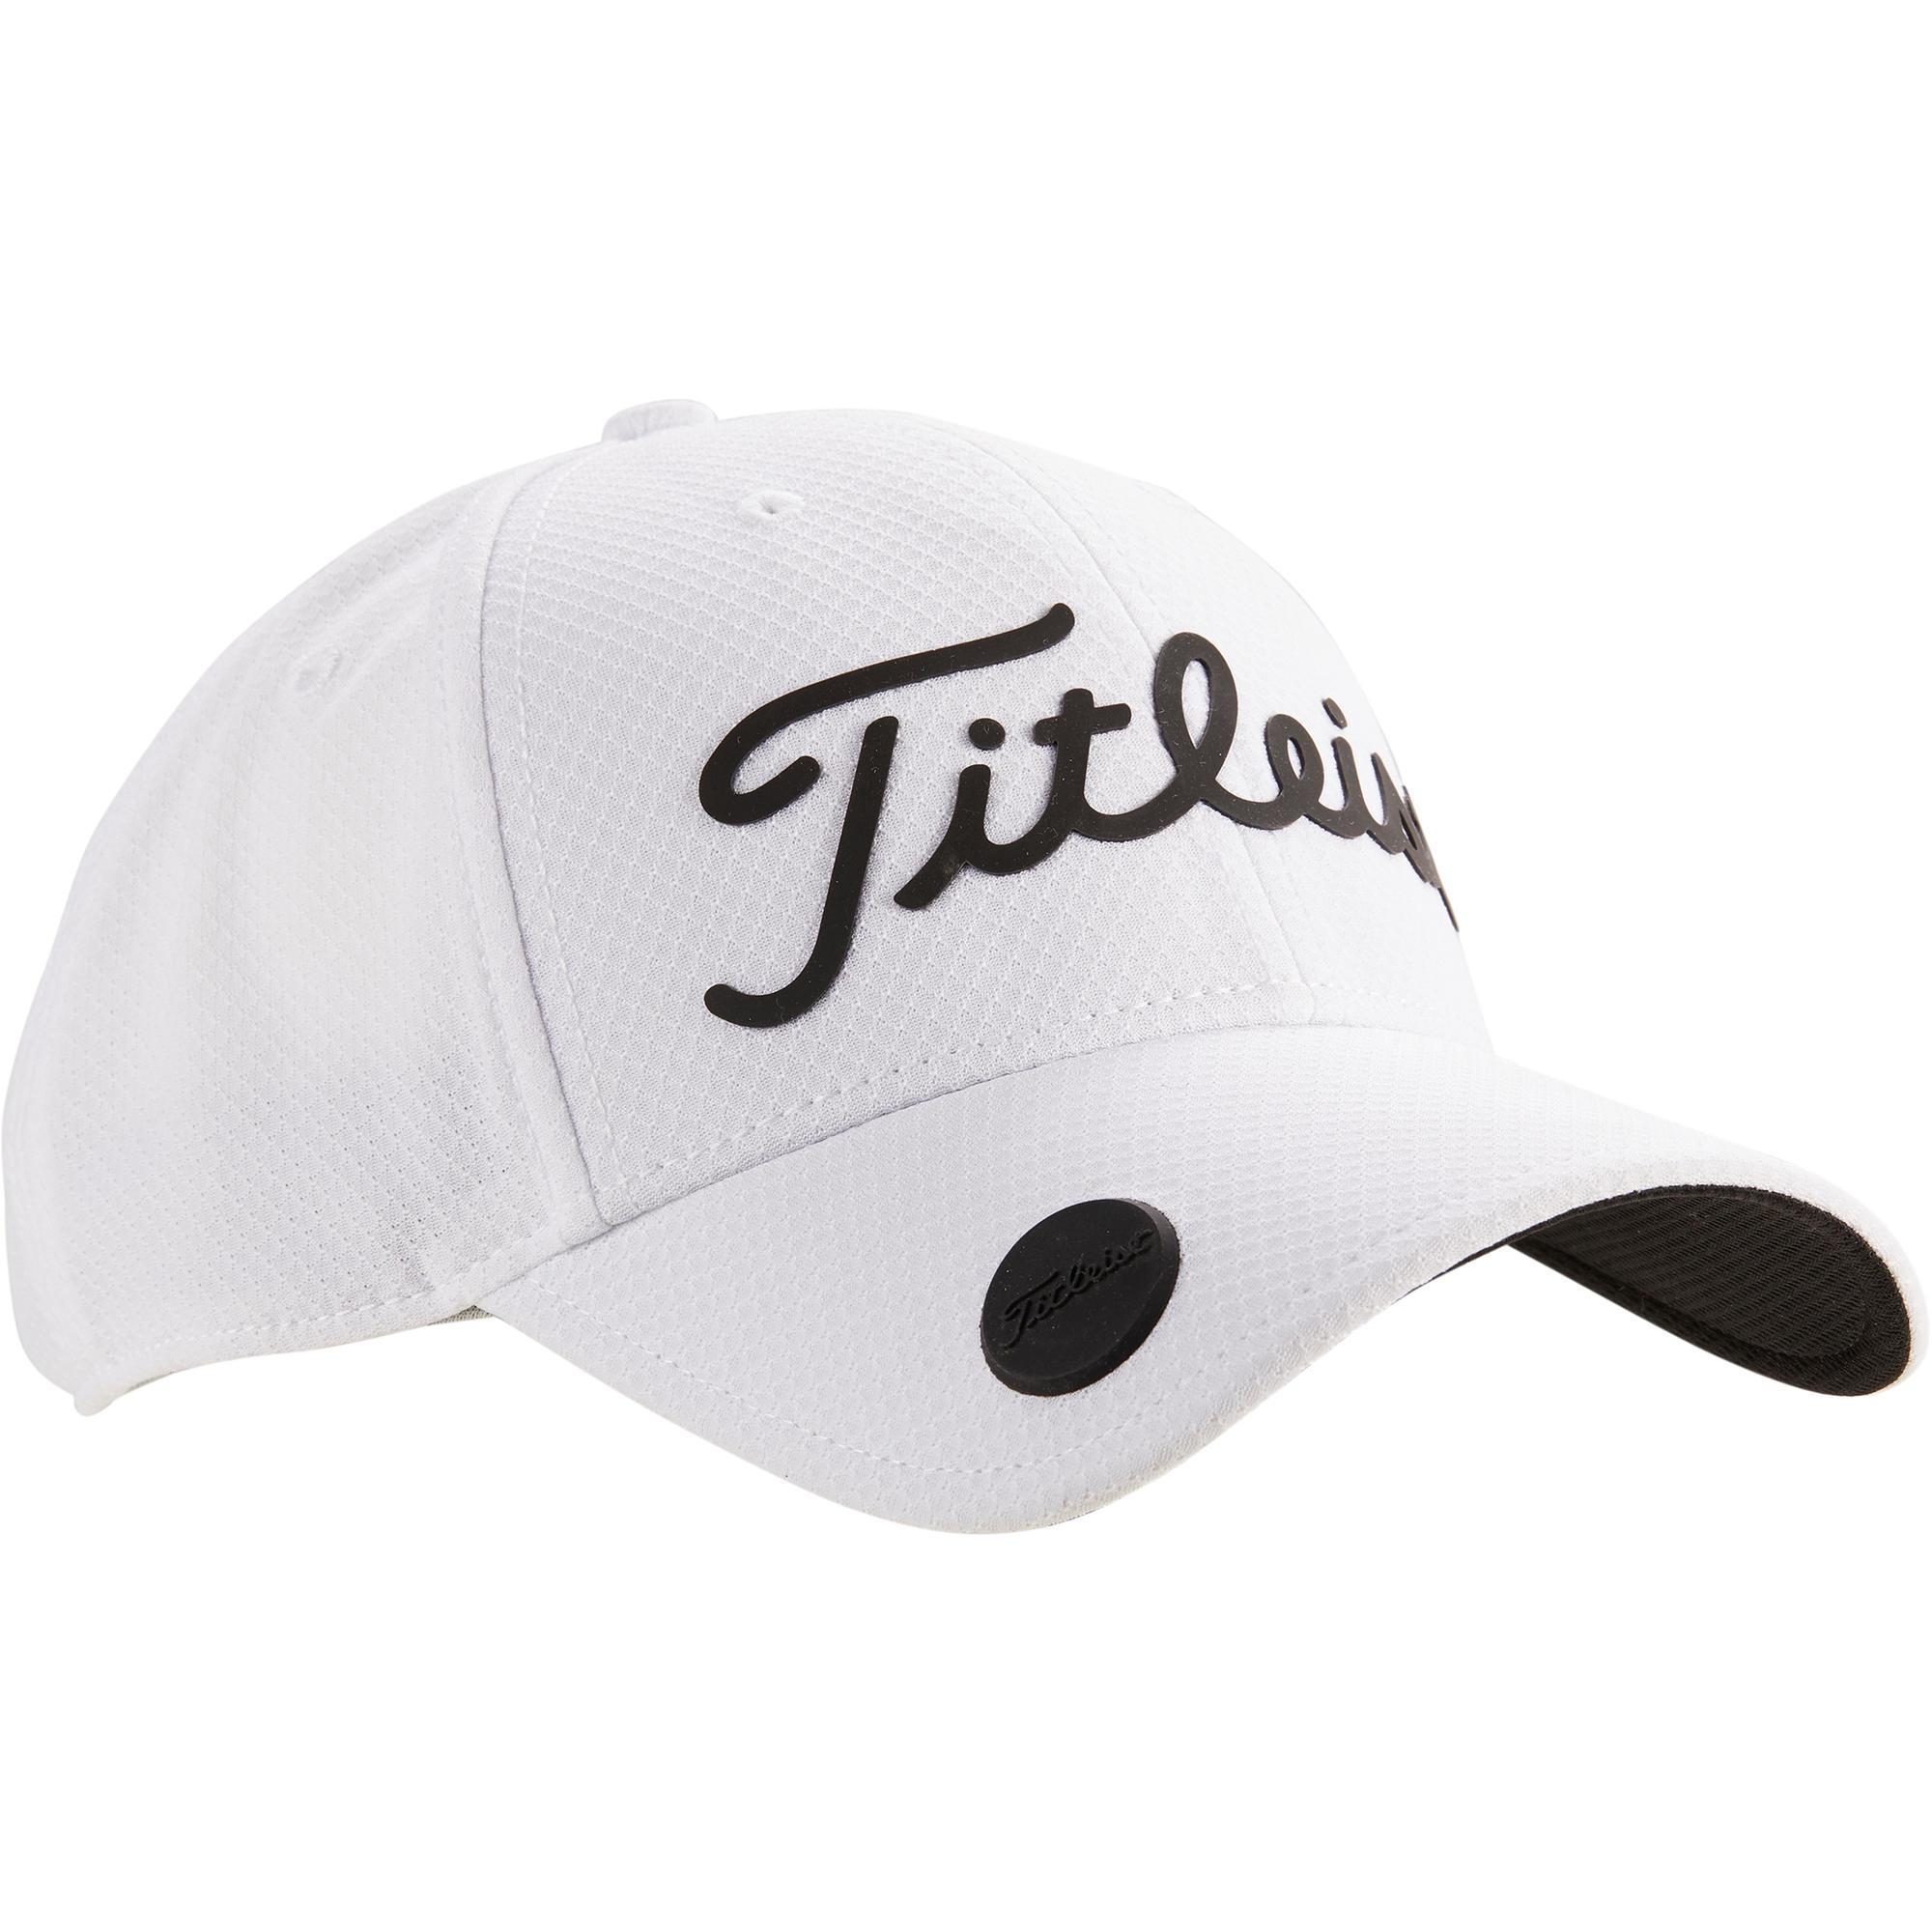 Comprar Gorras y Viseras de Golf online  ed0b84c7648